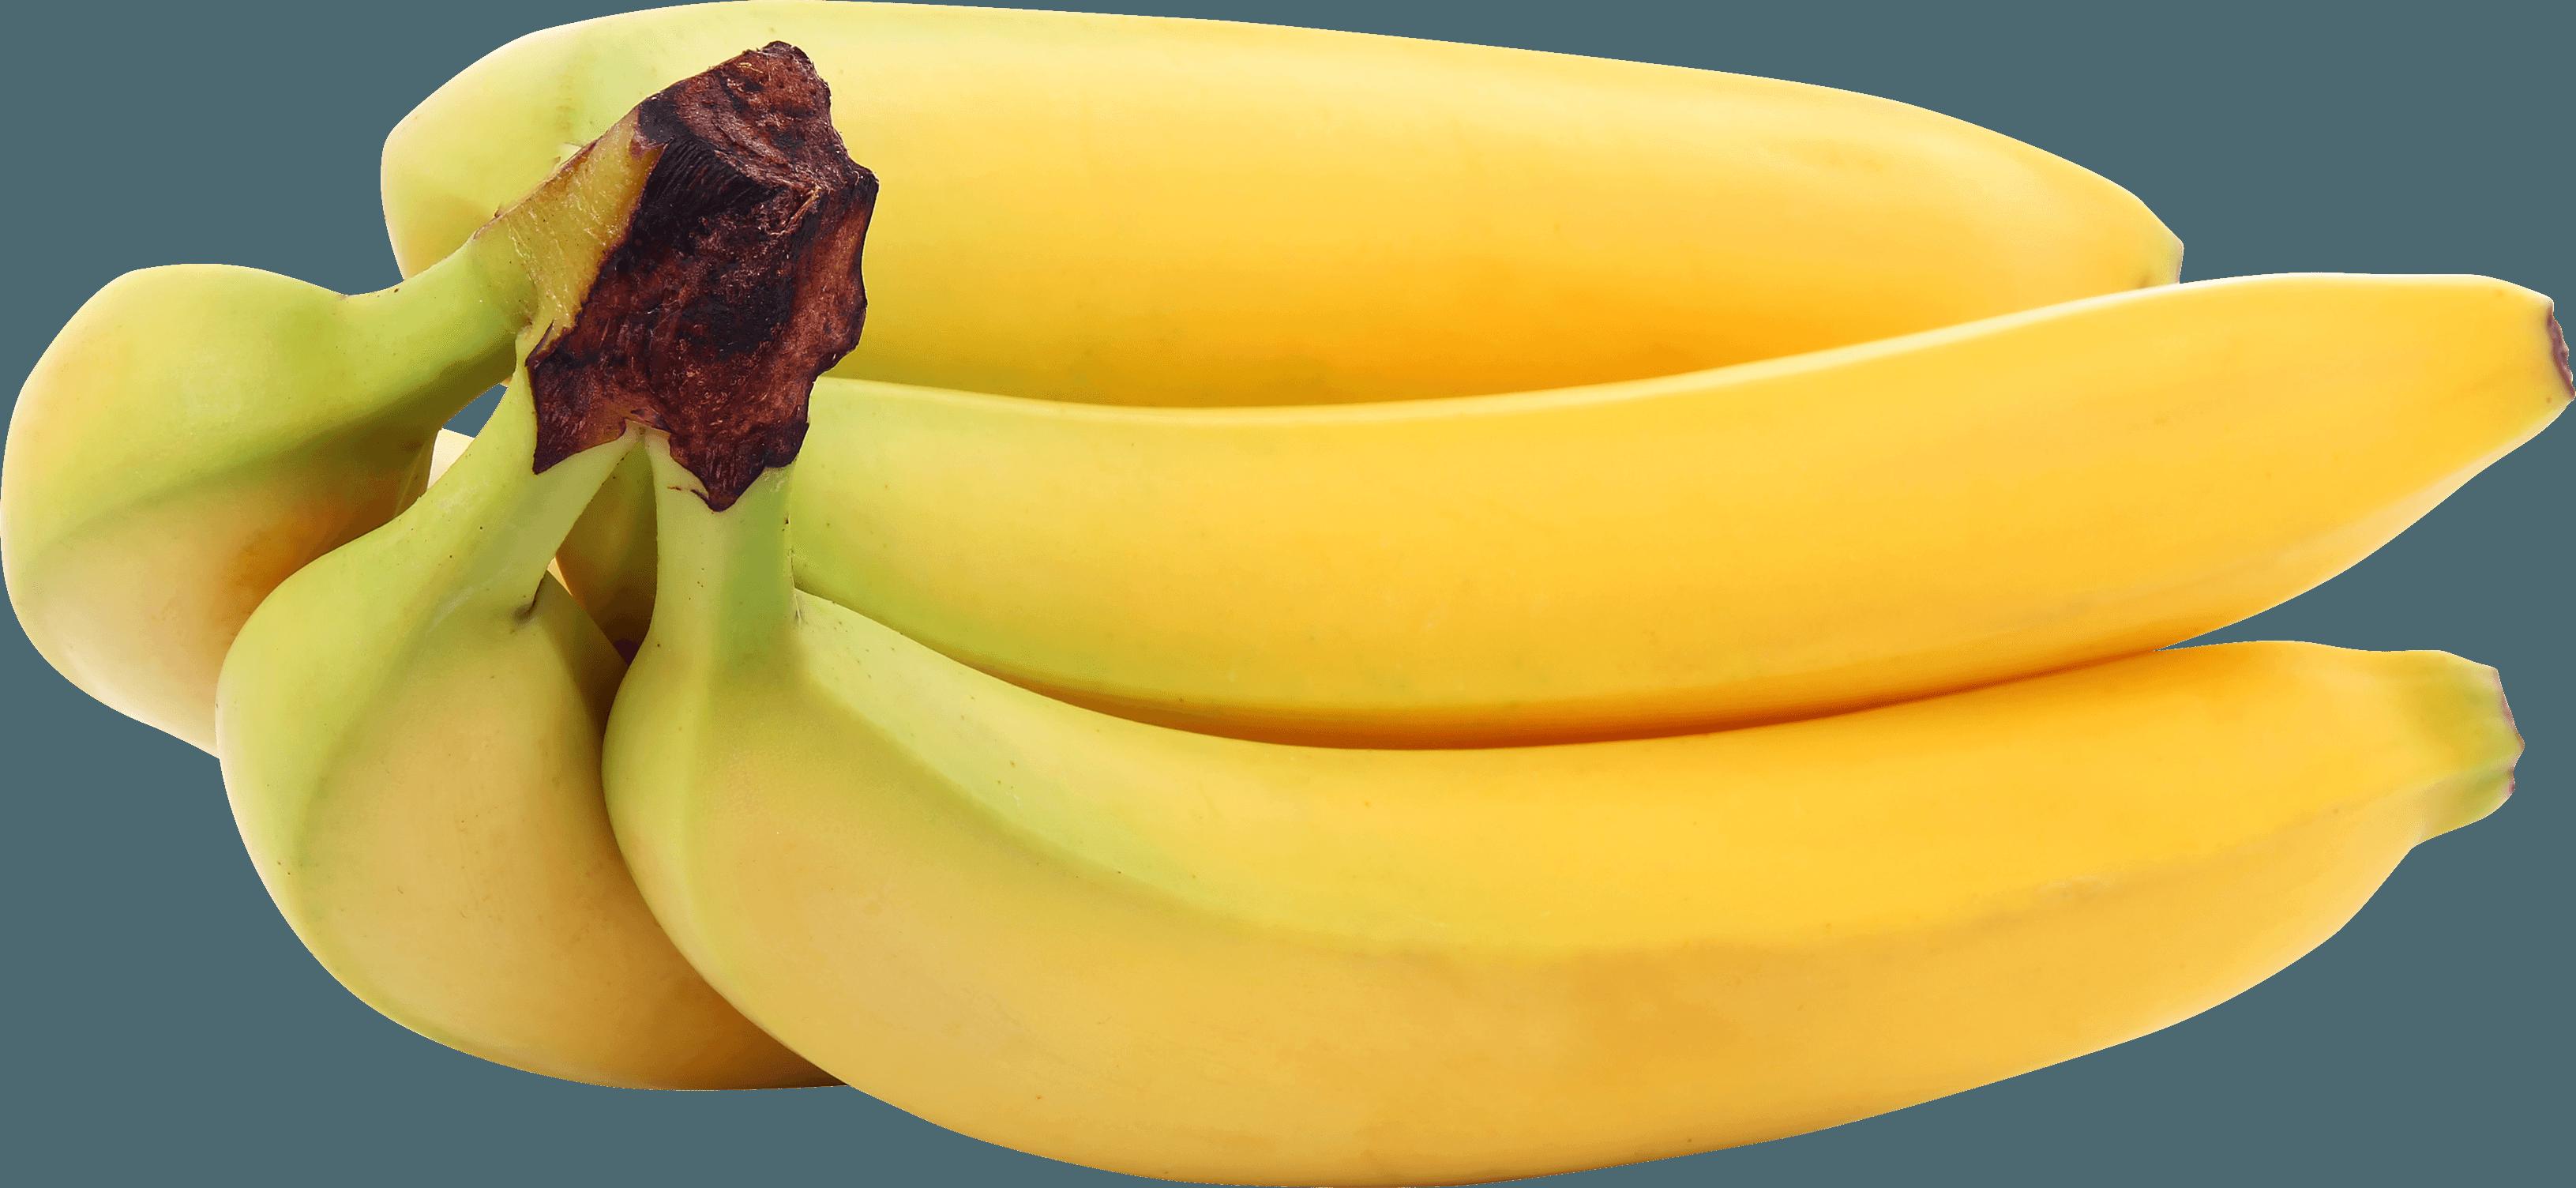 Download banana free png photo images and clipart freepngimg banana png image png image biocorpaavc